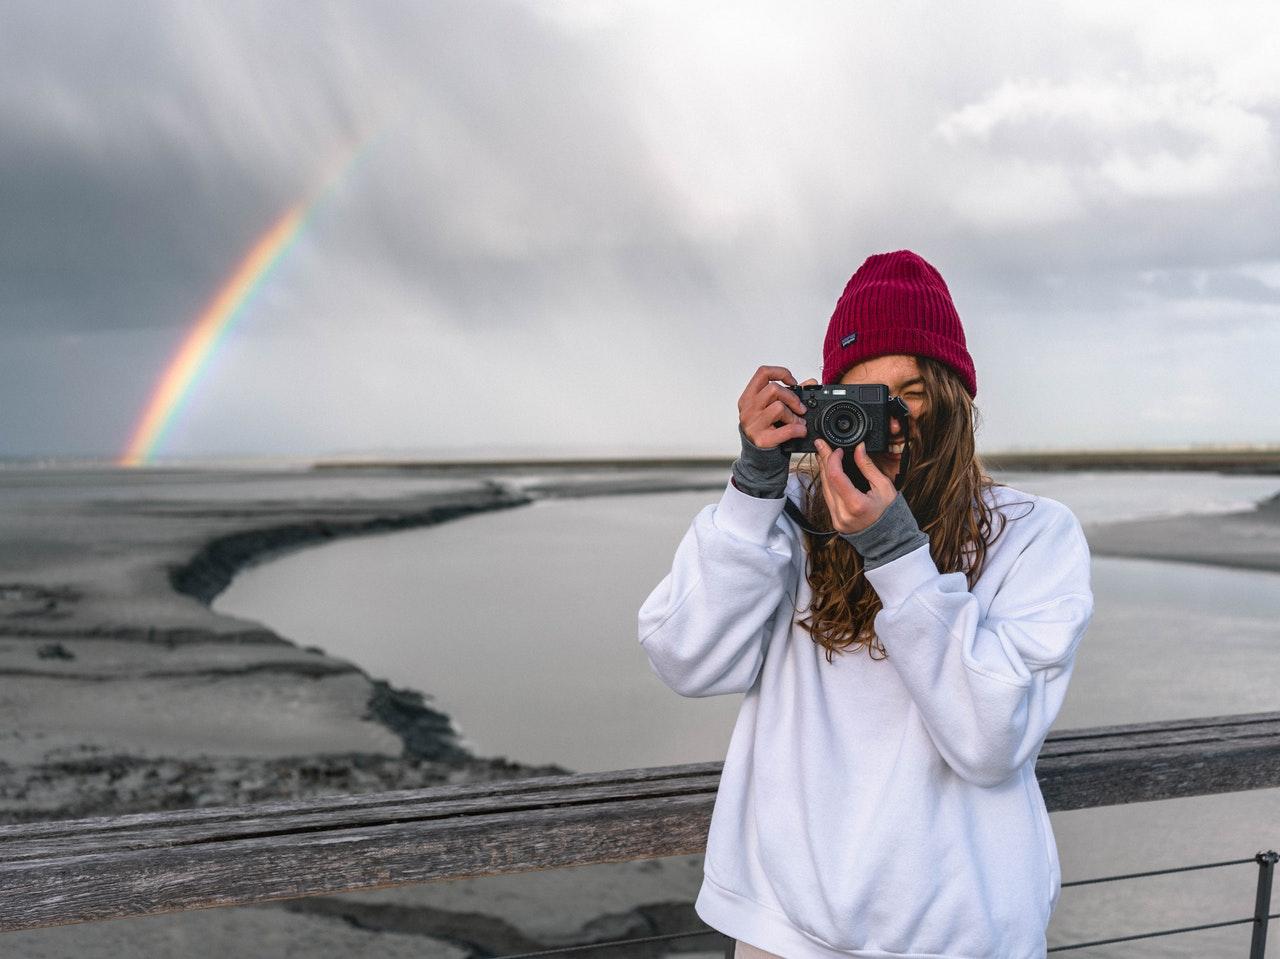 Kvinde har lys sweatshirt på og tager billede